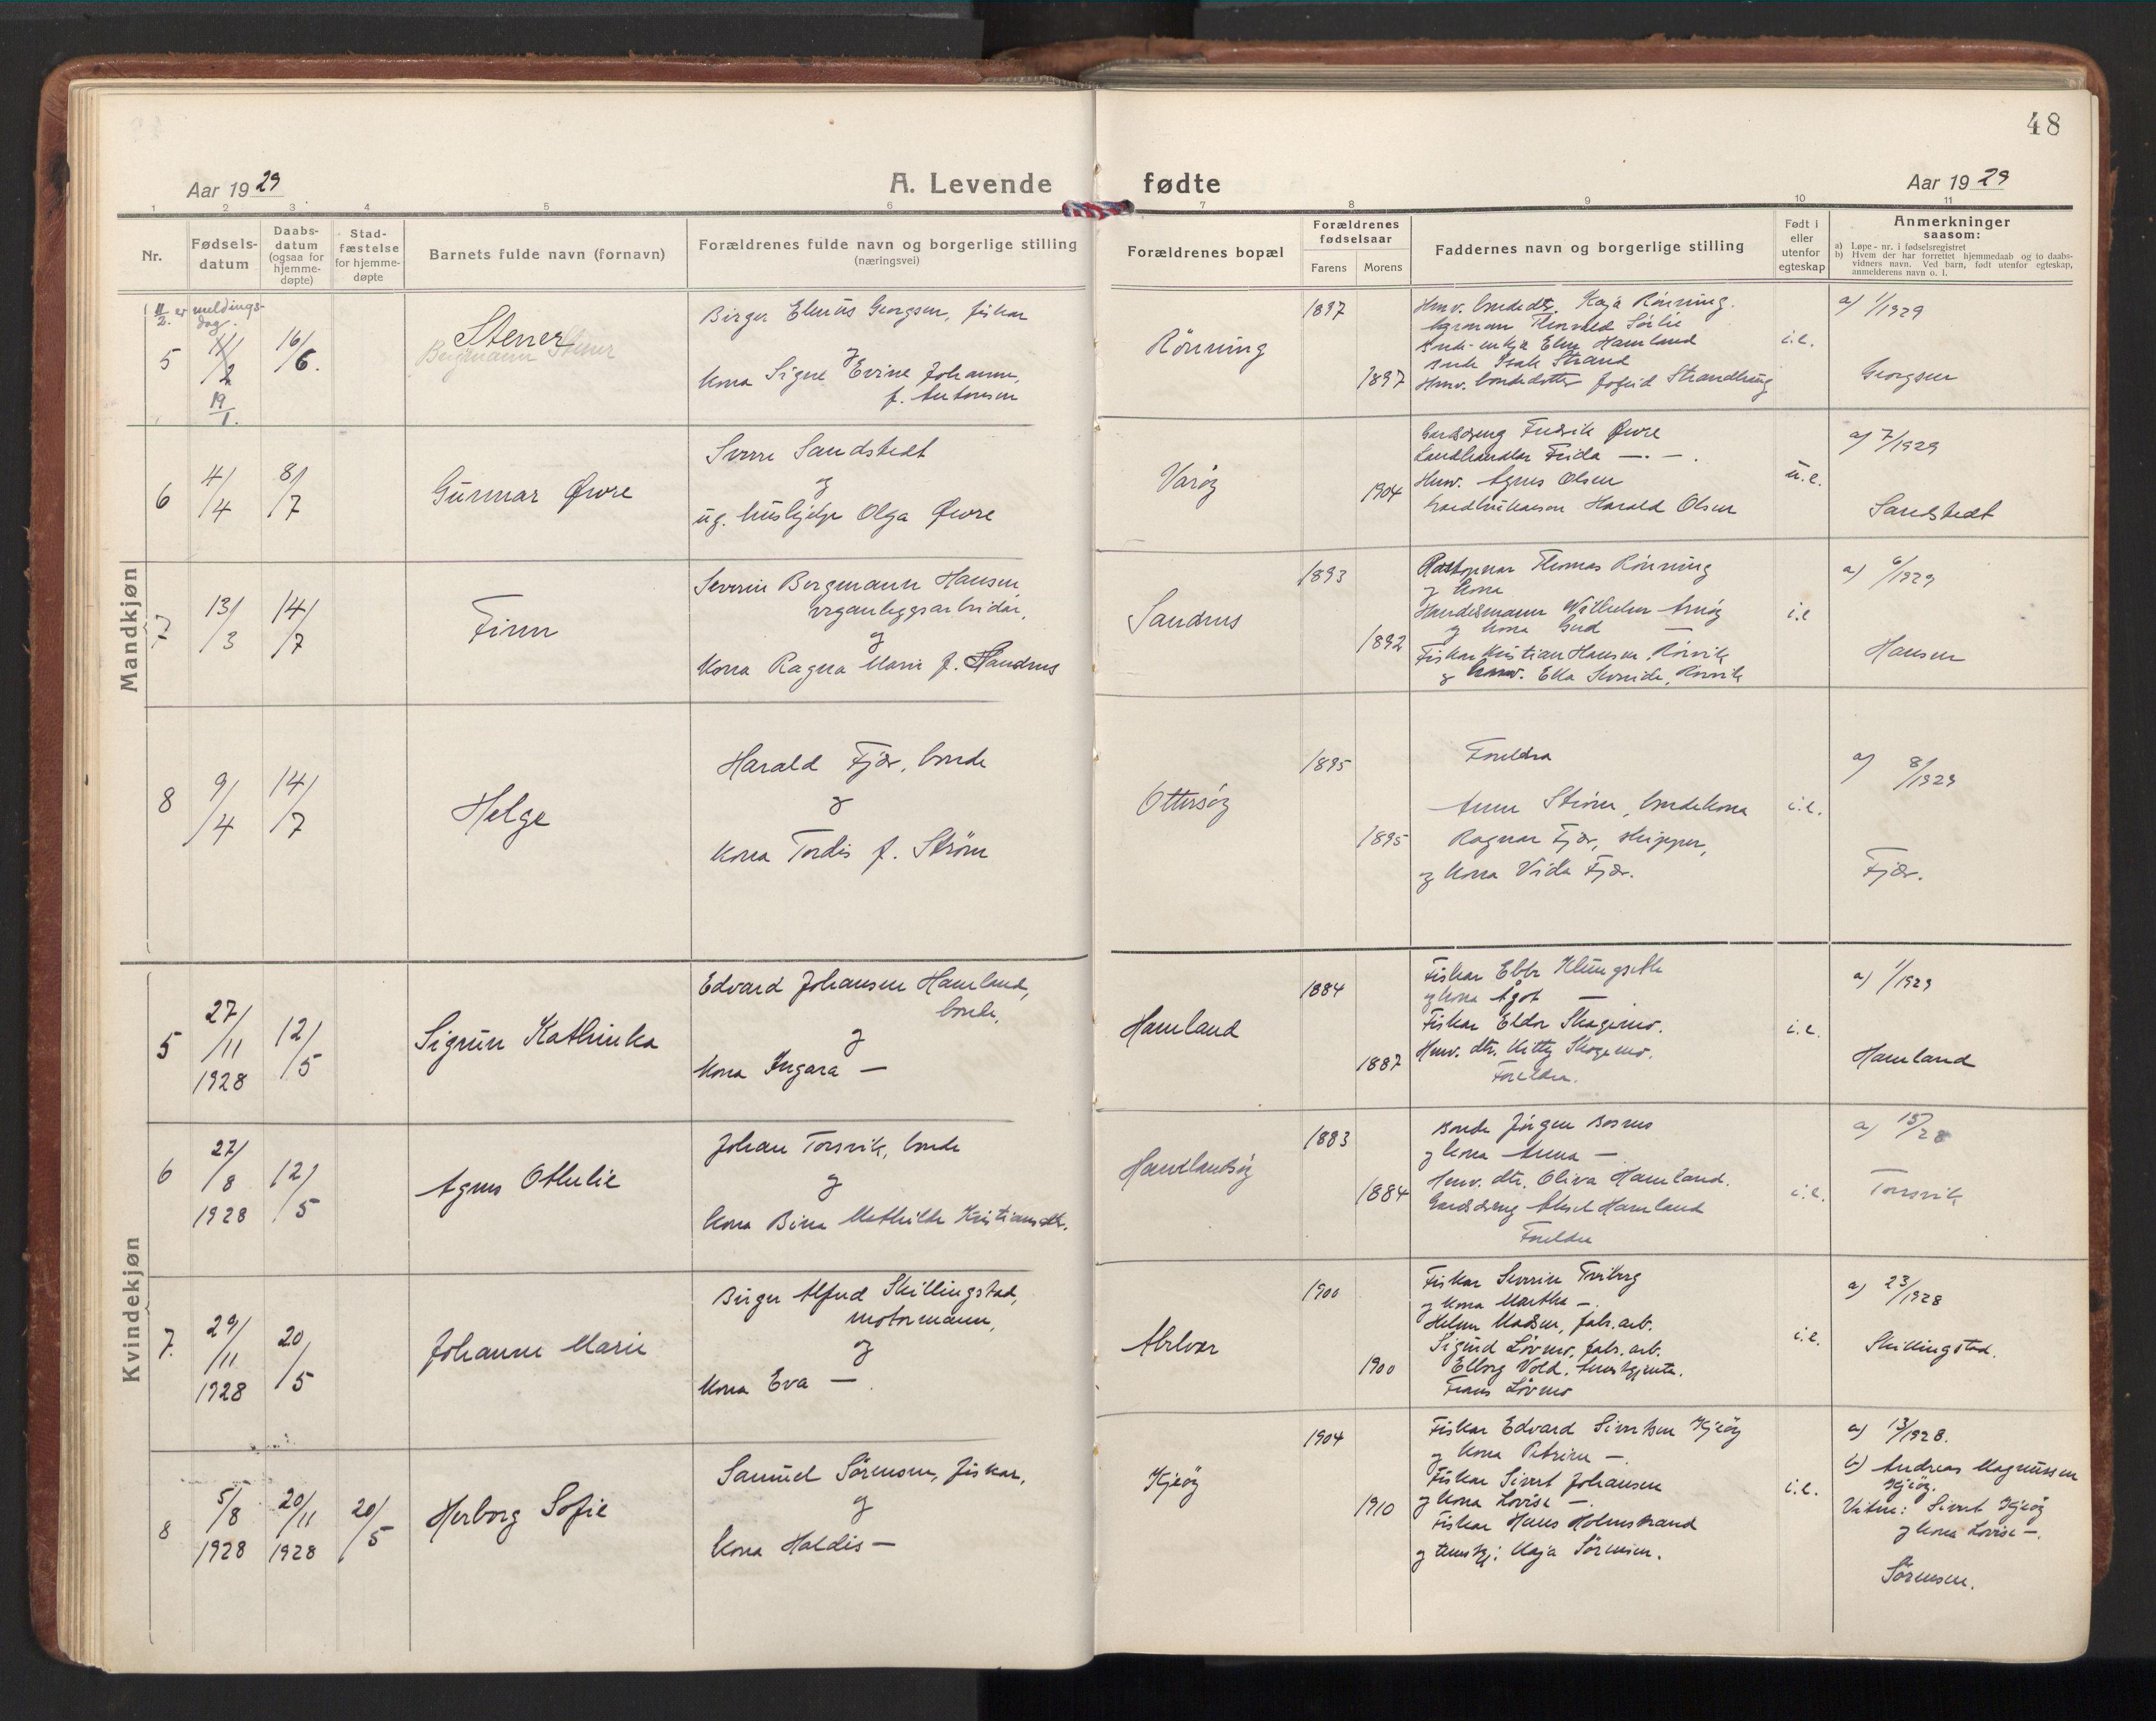 SAT, Ministerialprotokoller, klokkerbøker og fødselsregistre - Nord-Trøndelag, 784/L0678: Ministerialbok nr. 784A13, 1921-1938, s. 48